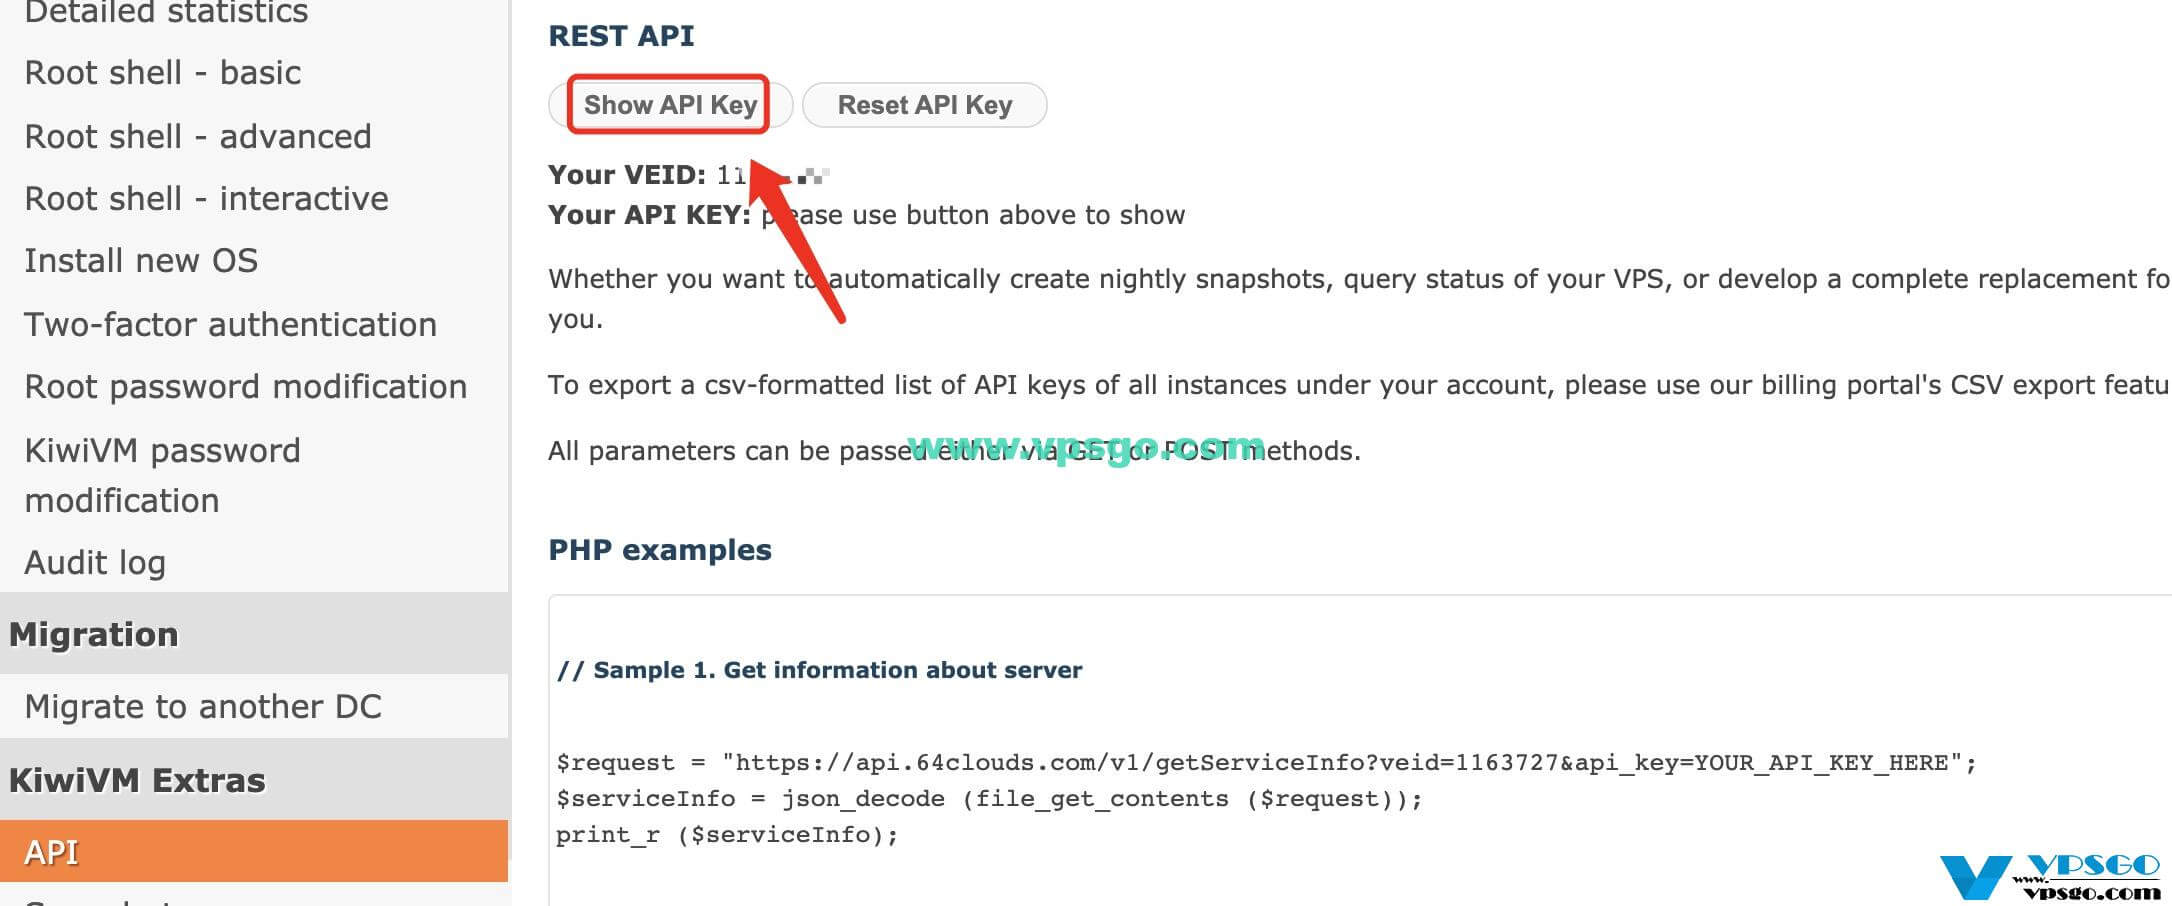 搬瓦工API Key和VEID